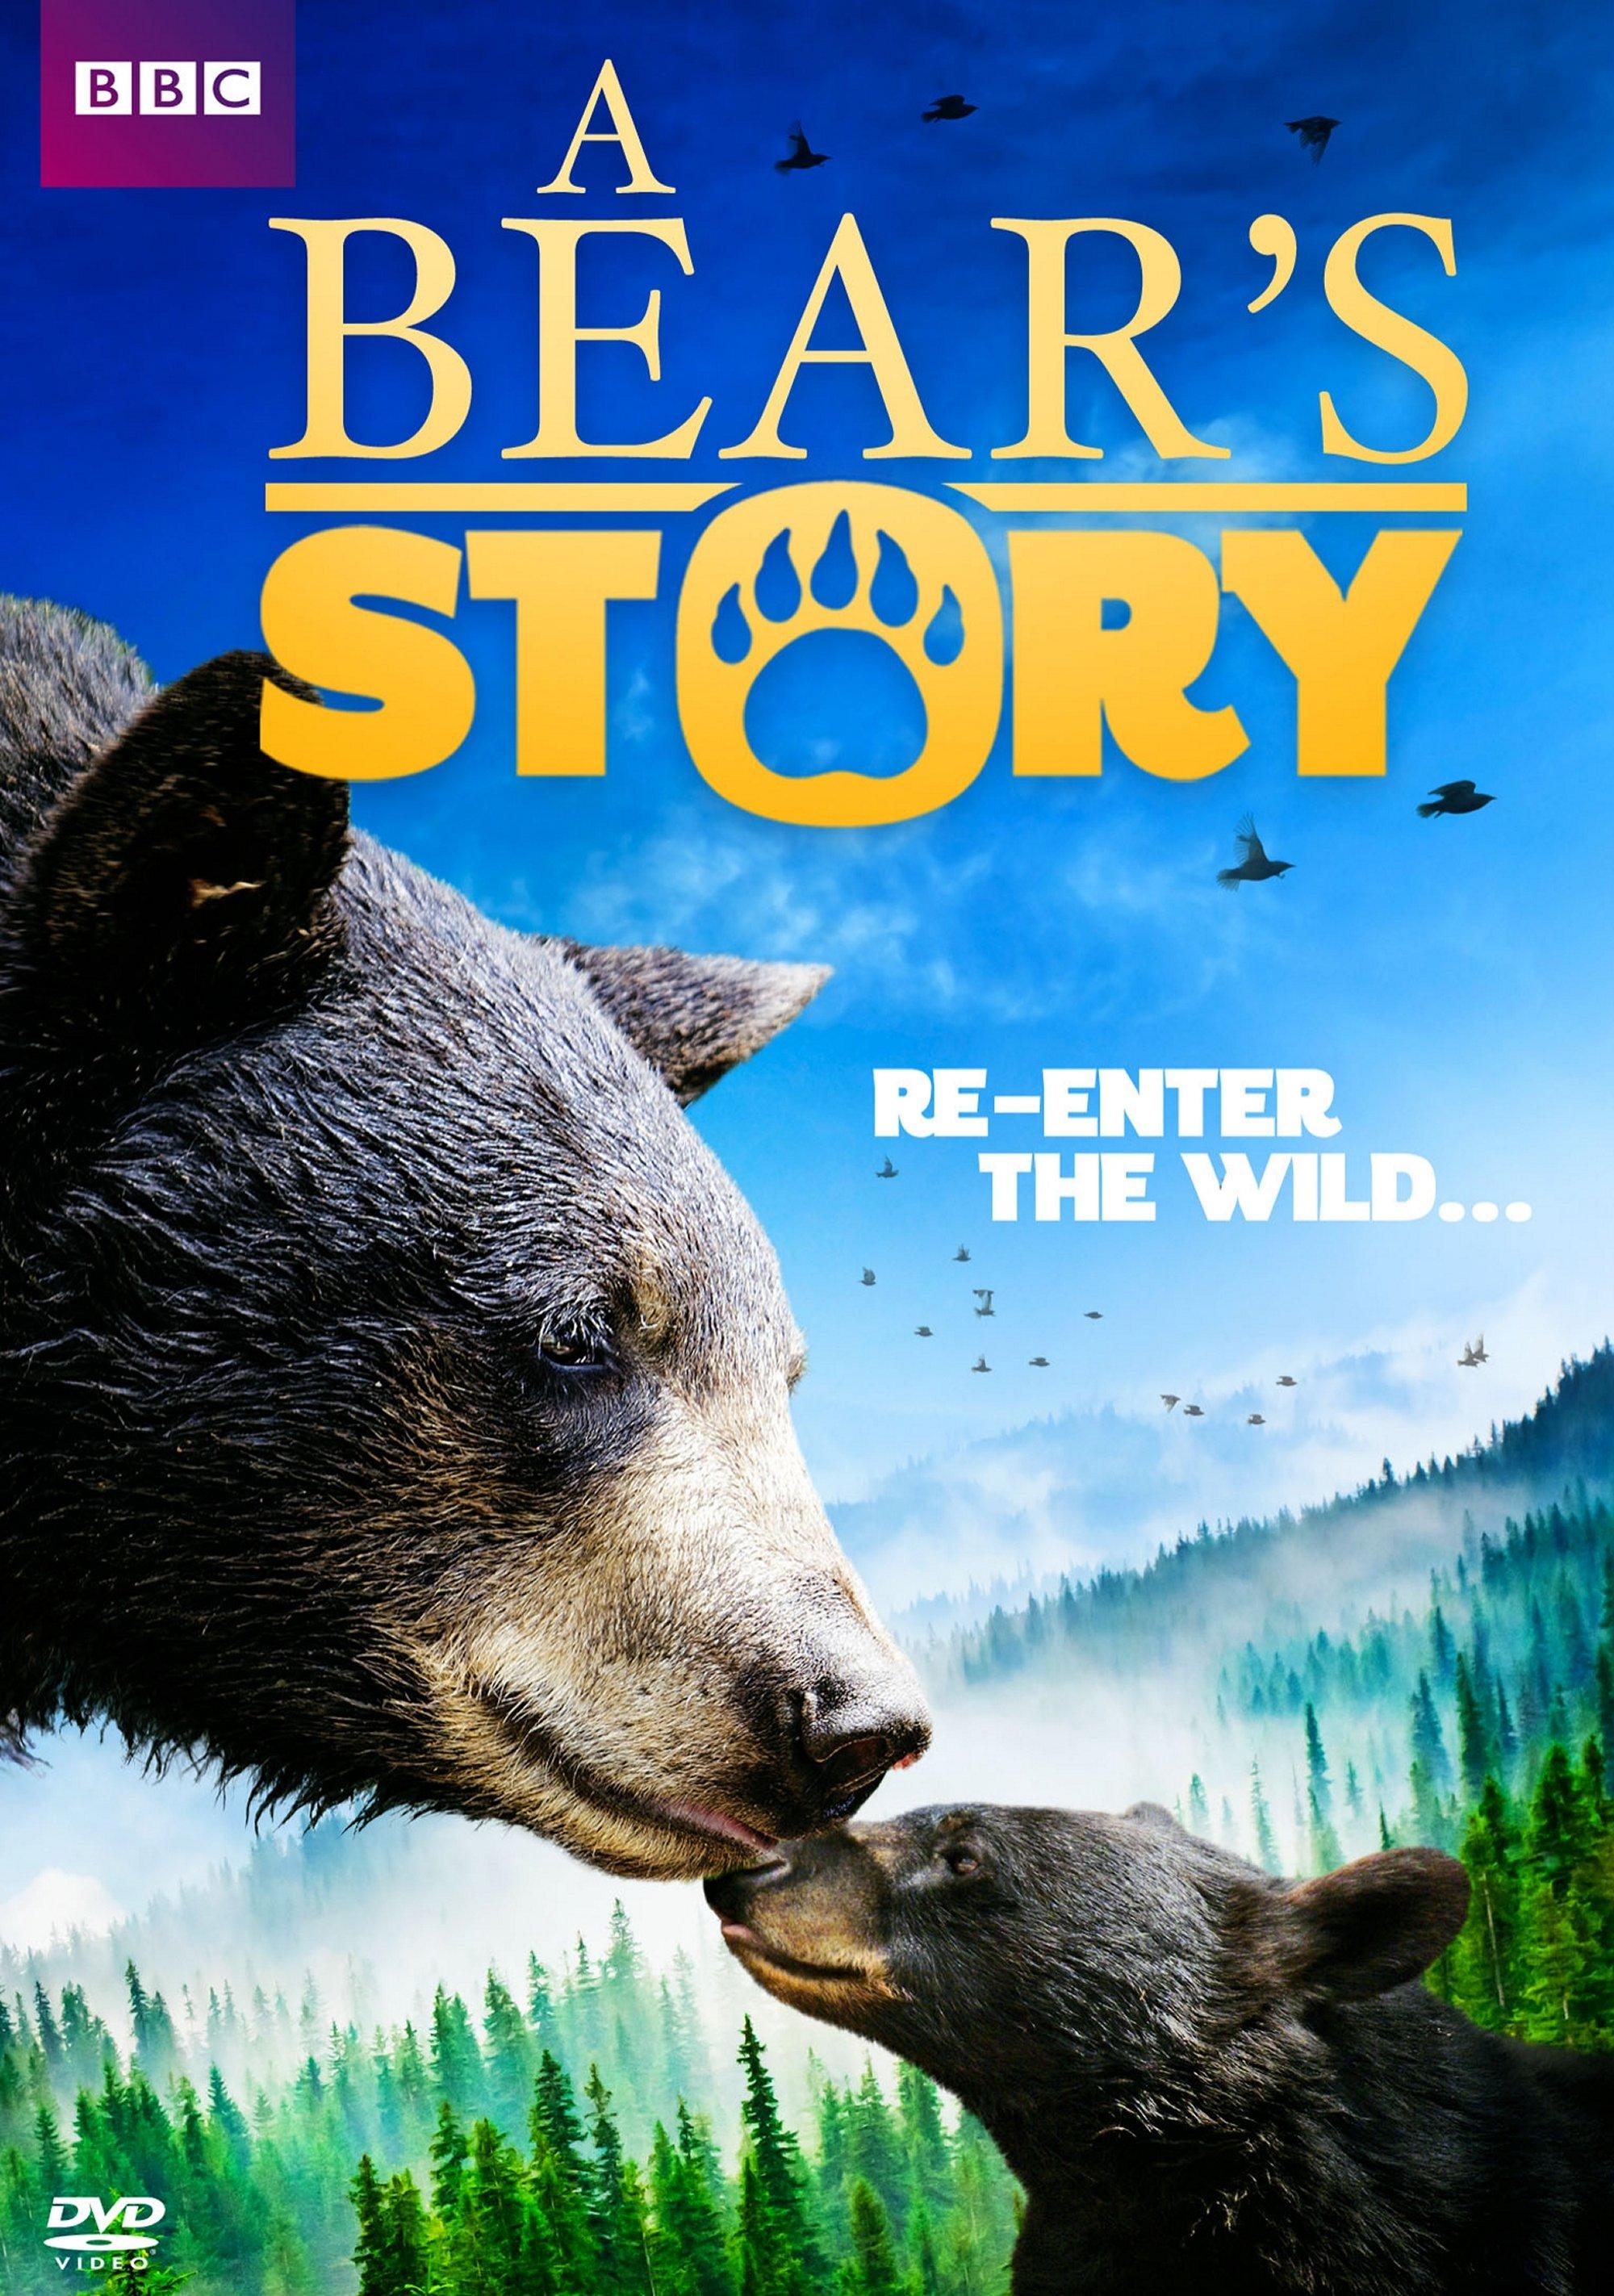 A Bear Story: Spirit's Adventure